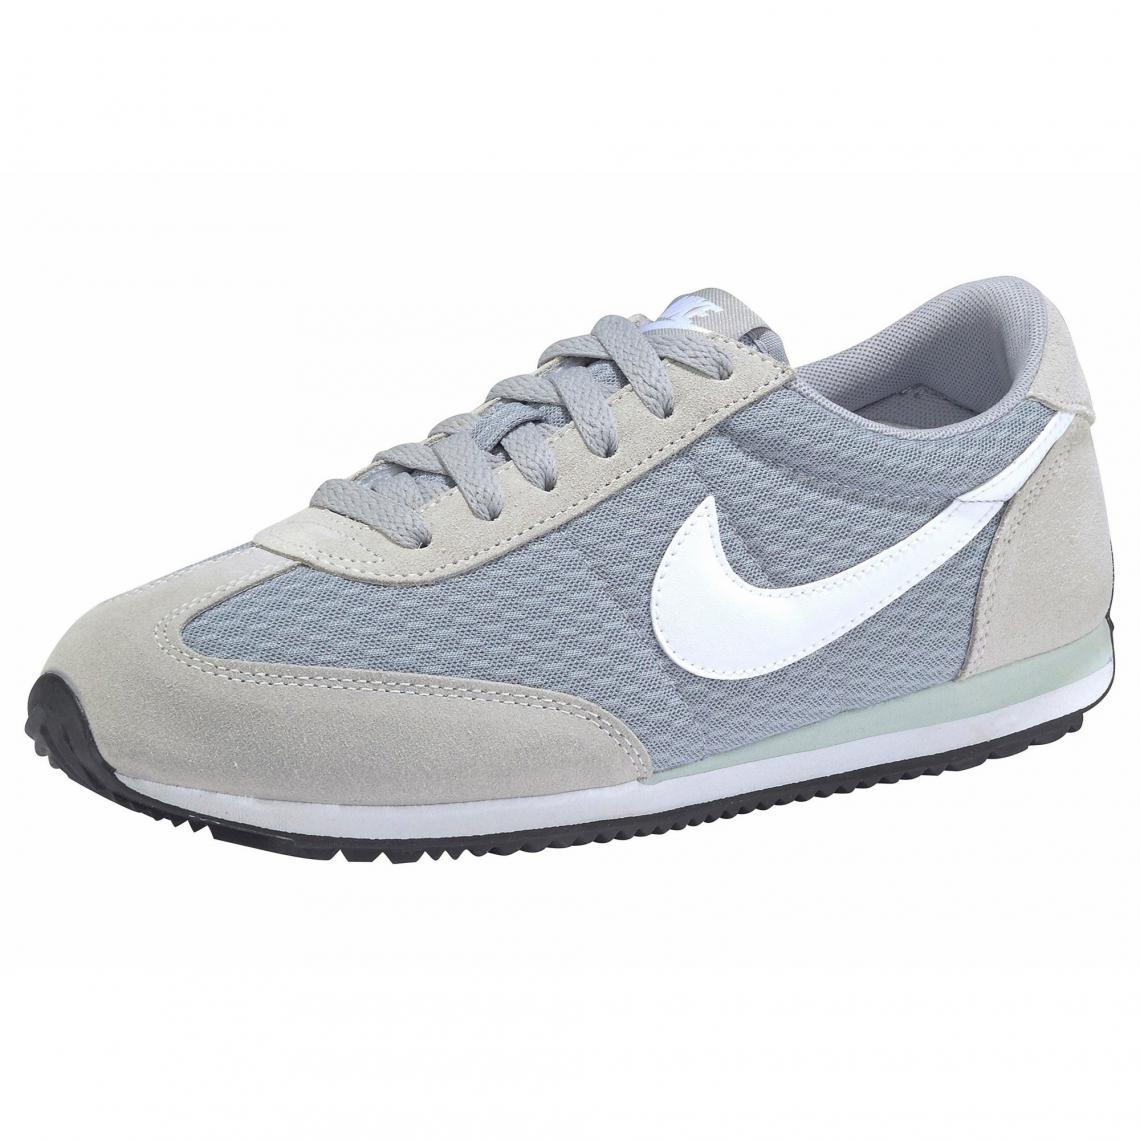 Chaussures training Nike Blanc femme Gris de 3FKl1cTJ